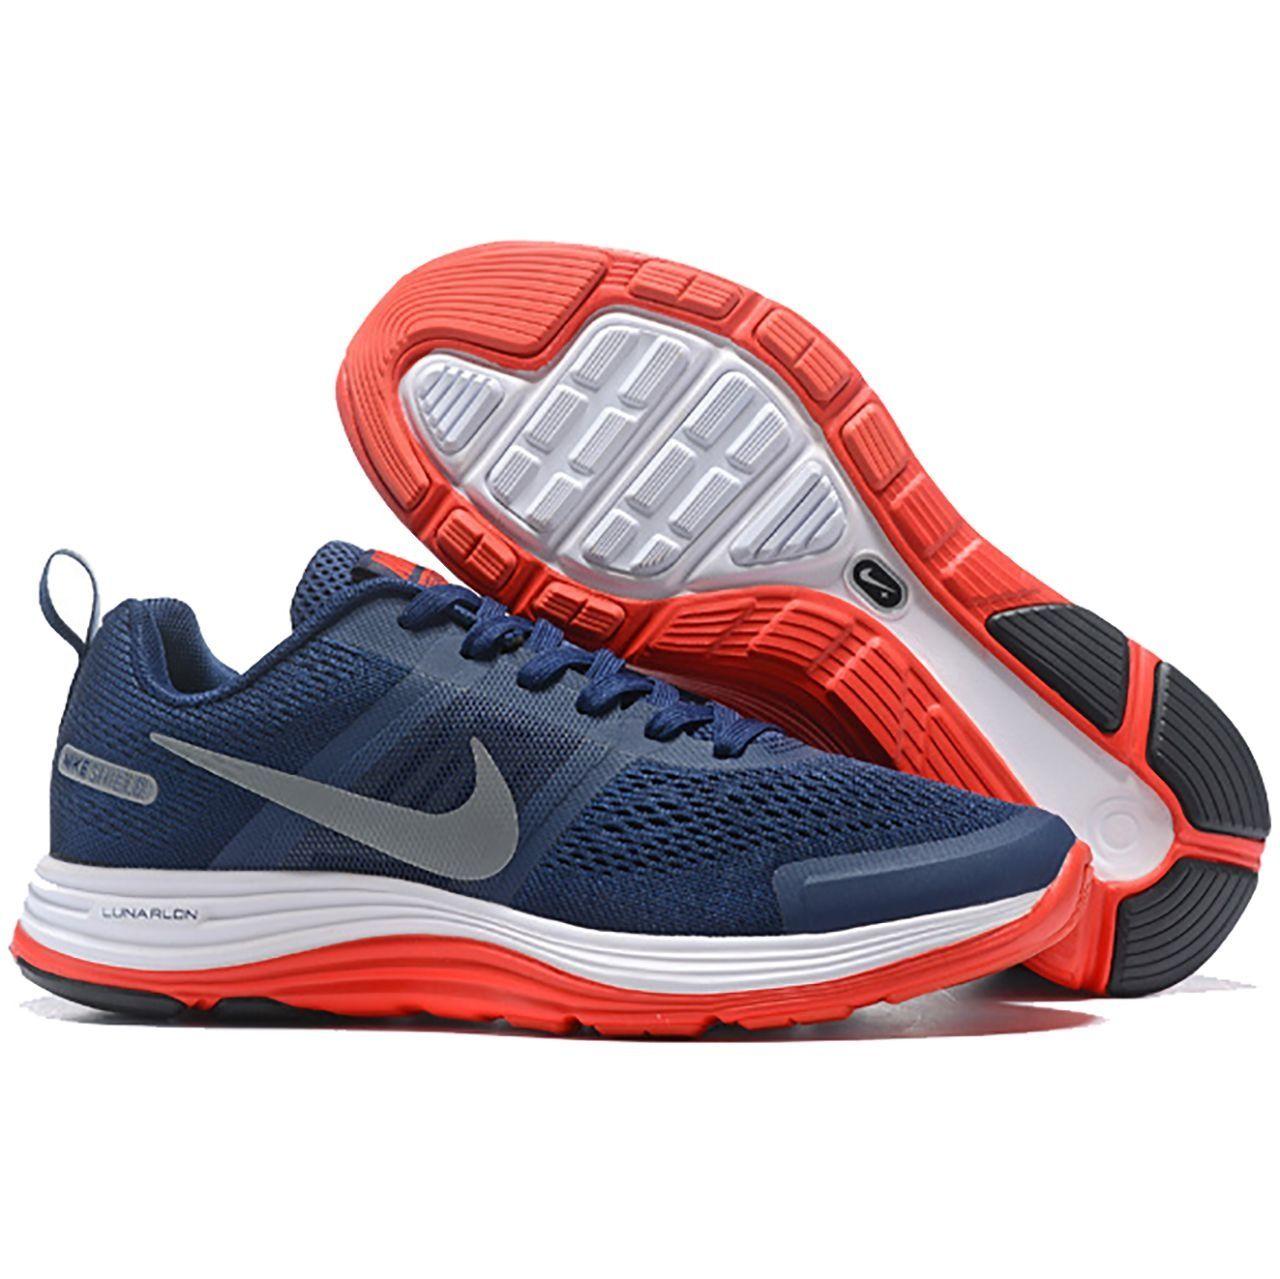 کفش مخصوص پیاده روی مردانه نایکی مدل Air Pegasus 30X Navy 803268-004  main 1 1